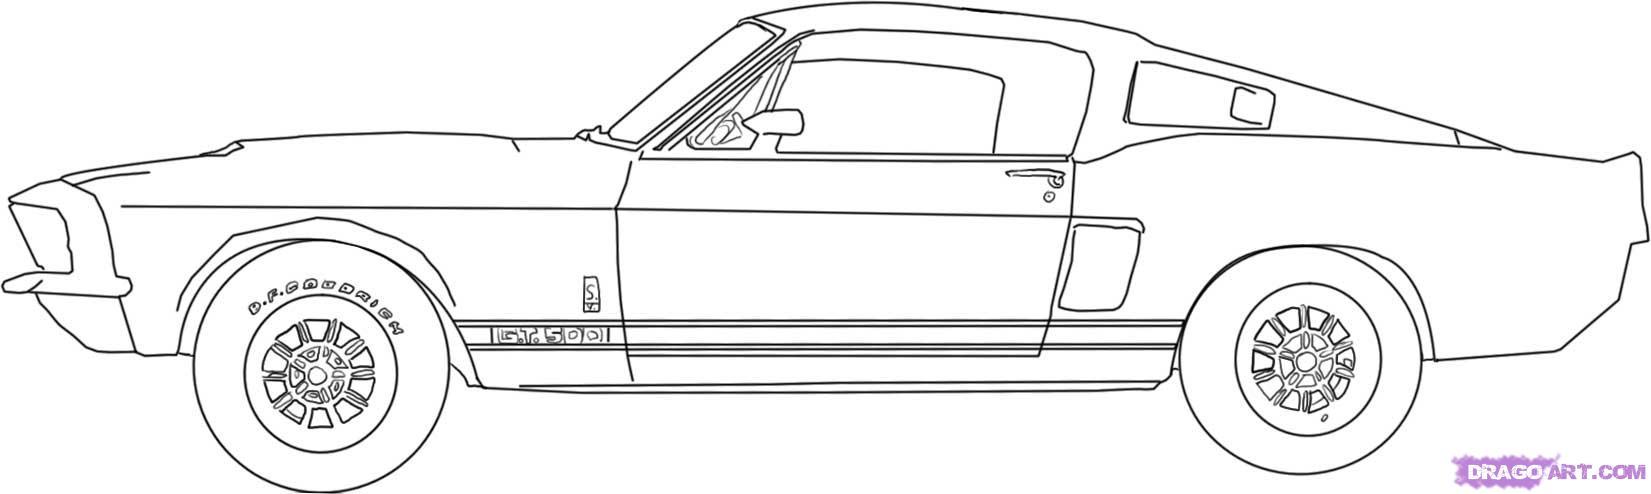 нарисованный ford mustang shelby gt 500